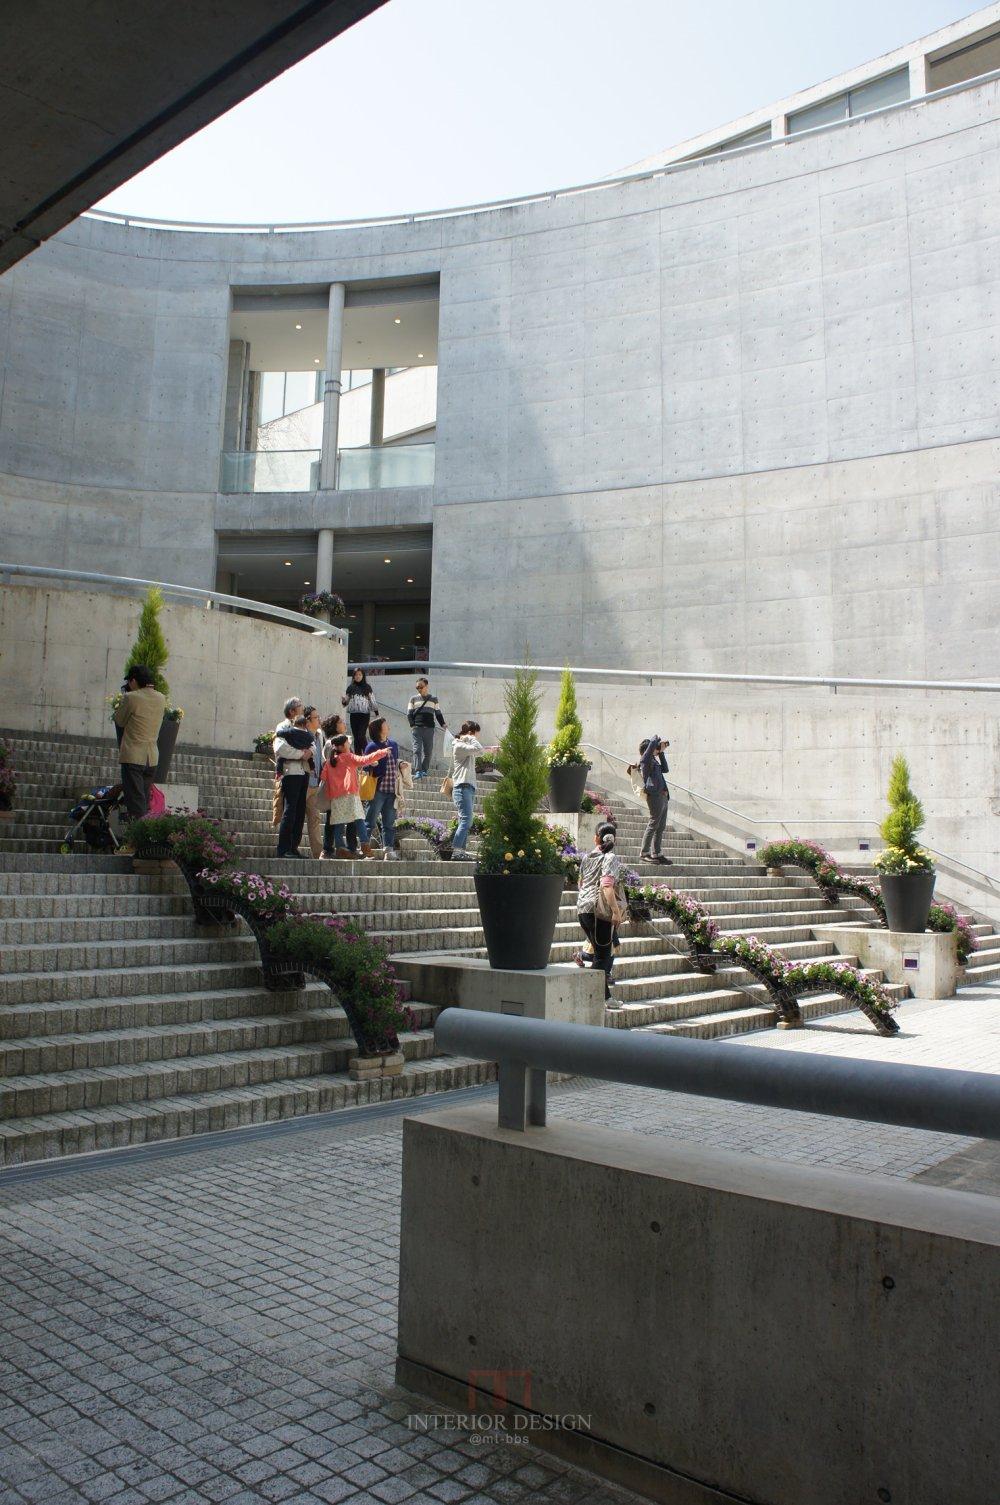 #伙伴一起看日本#  日本设计考察分享(更新美秀美术馆)_DSC05778.JPG